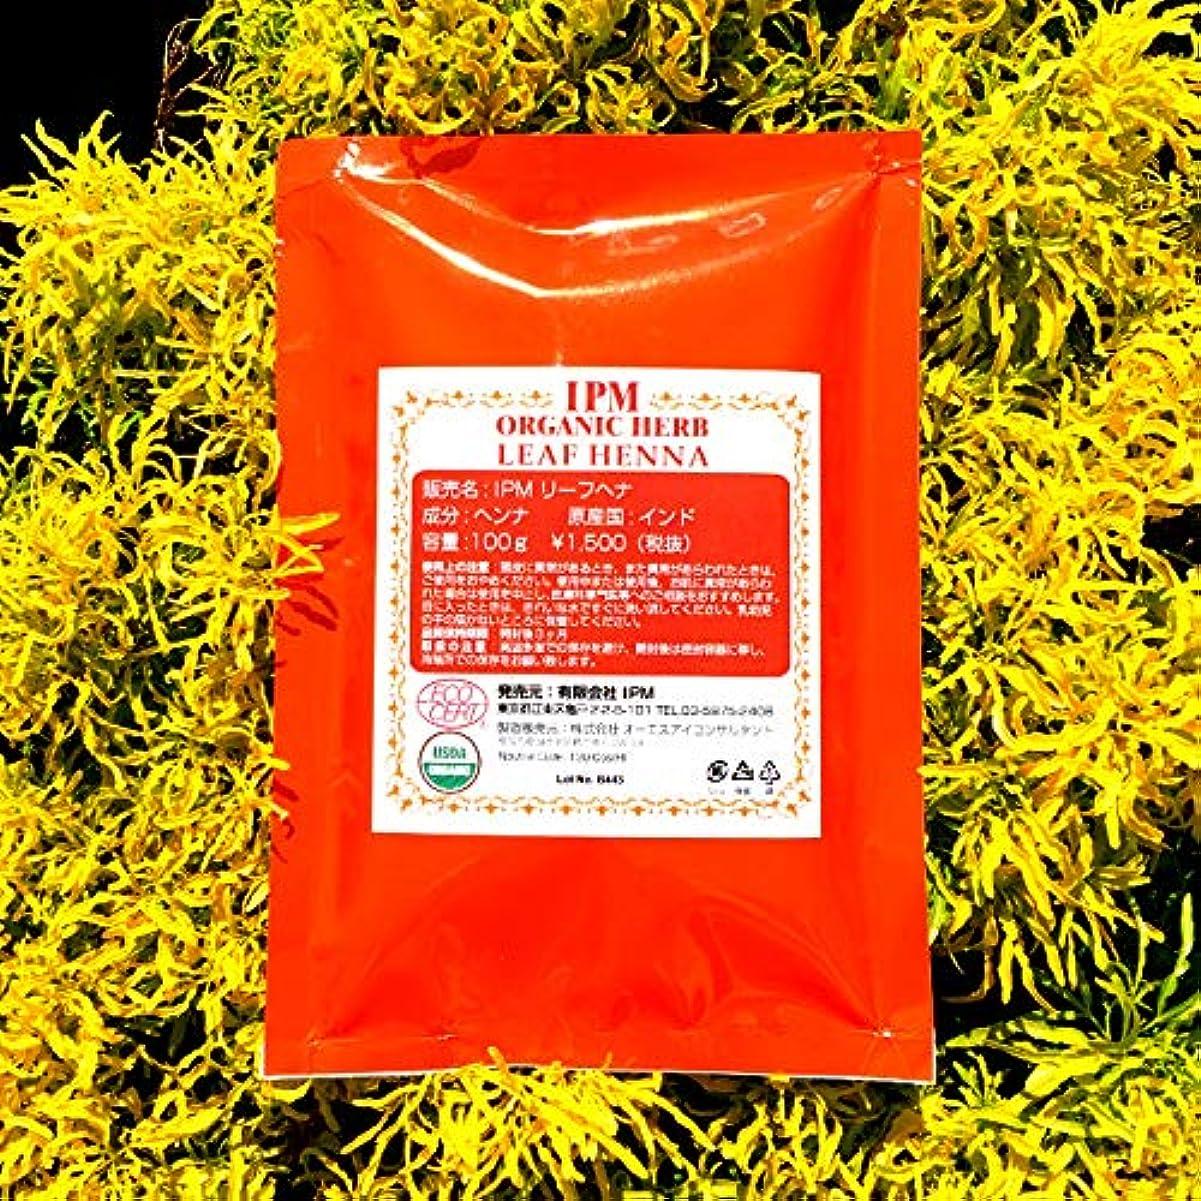 光沢のあるパーフェルビッド見つけるIPMヘナ 大袋(100g×5個) オーガニックヘナ (リーフレットつき、ポストイン)